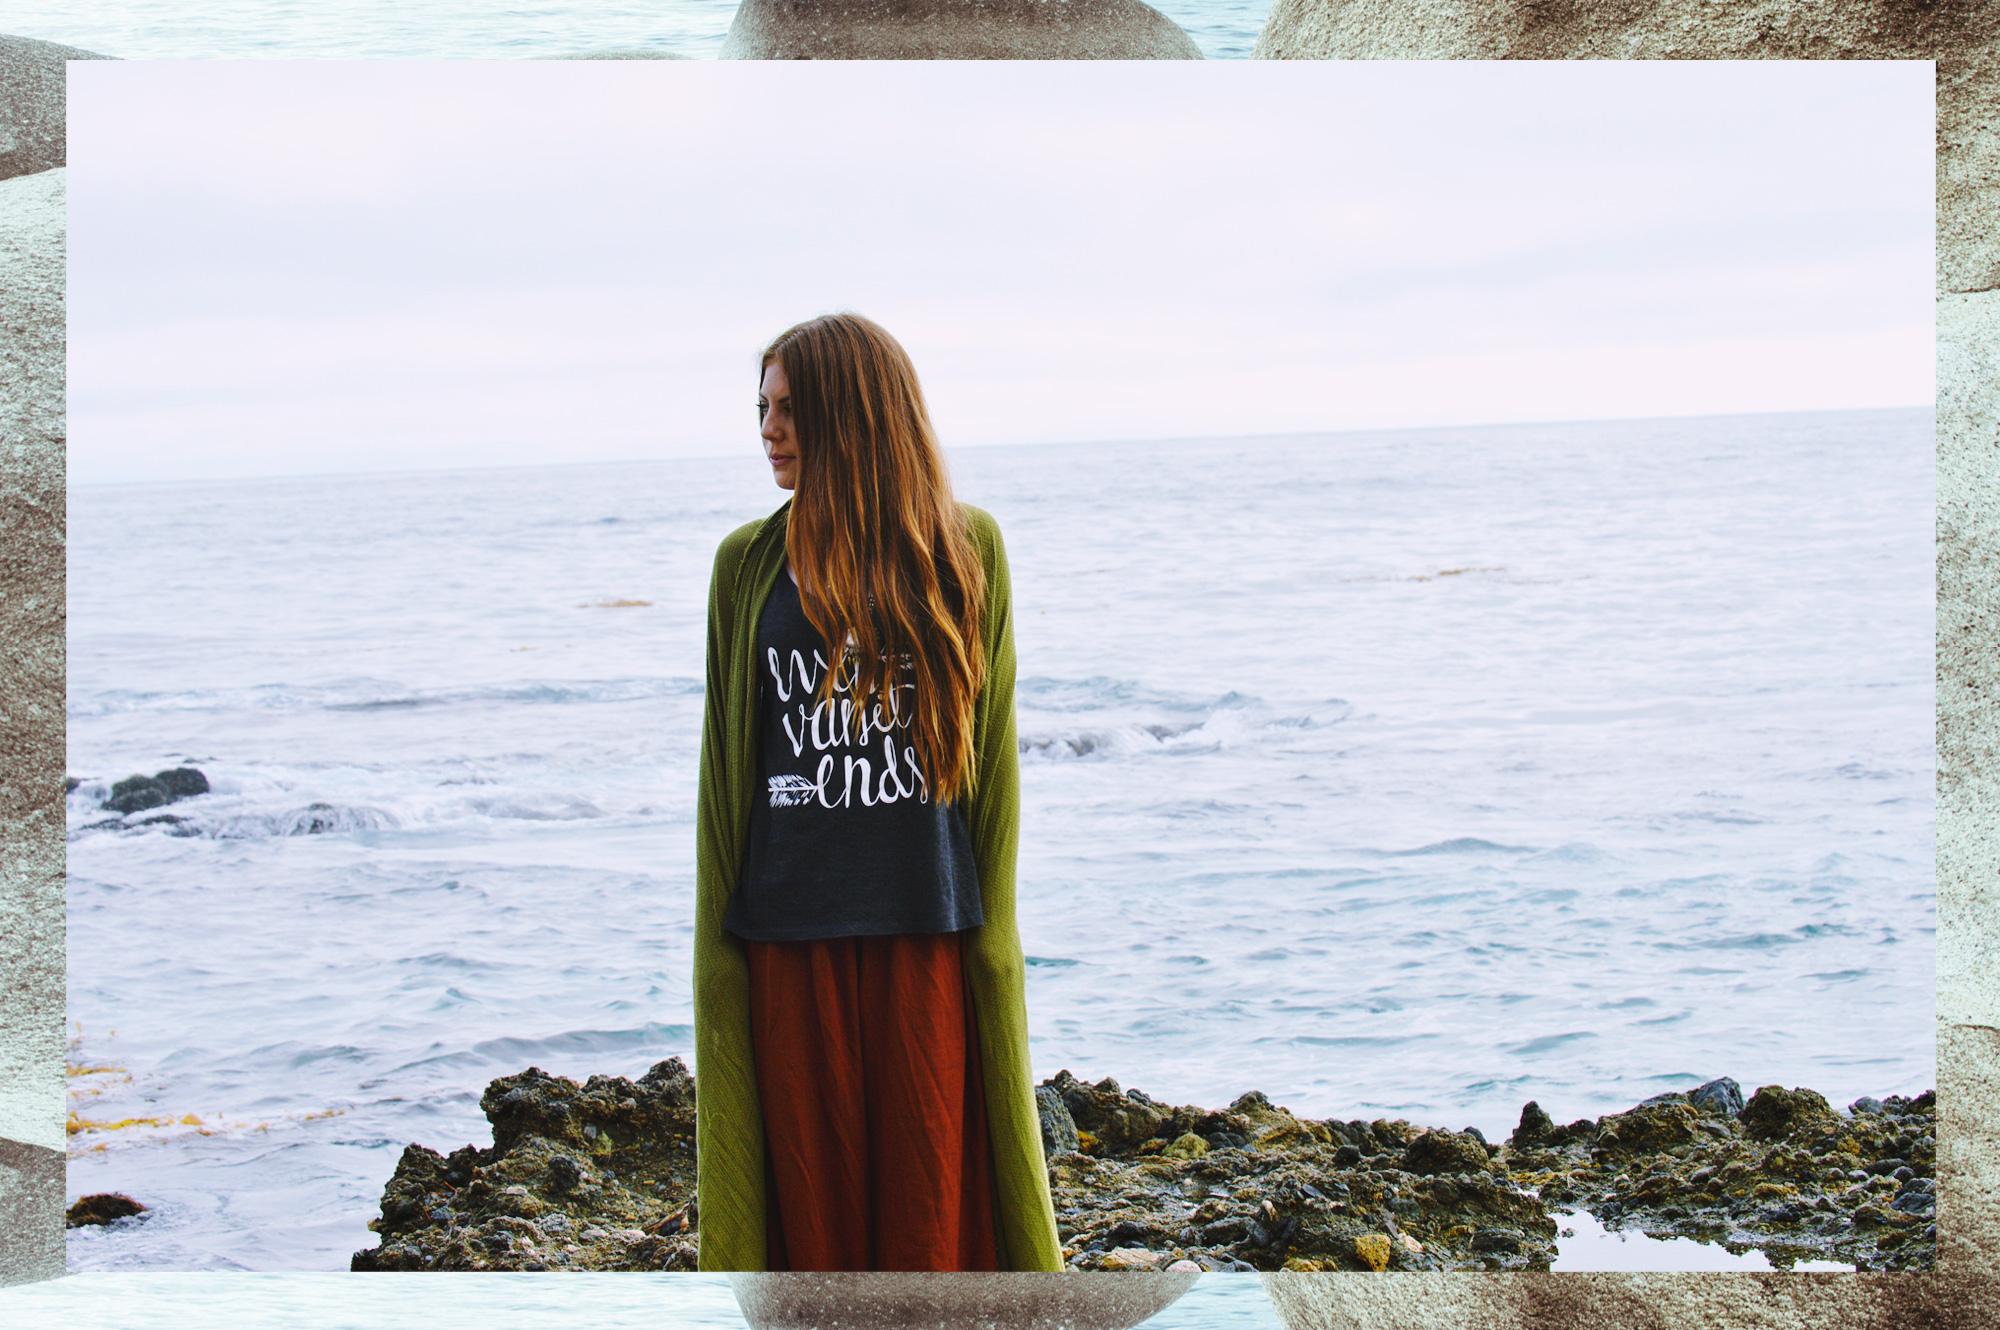 even-vanity-ends-bohemian-dream-lookbook-22.jpg